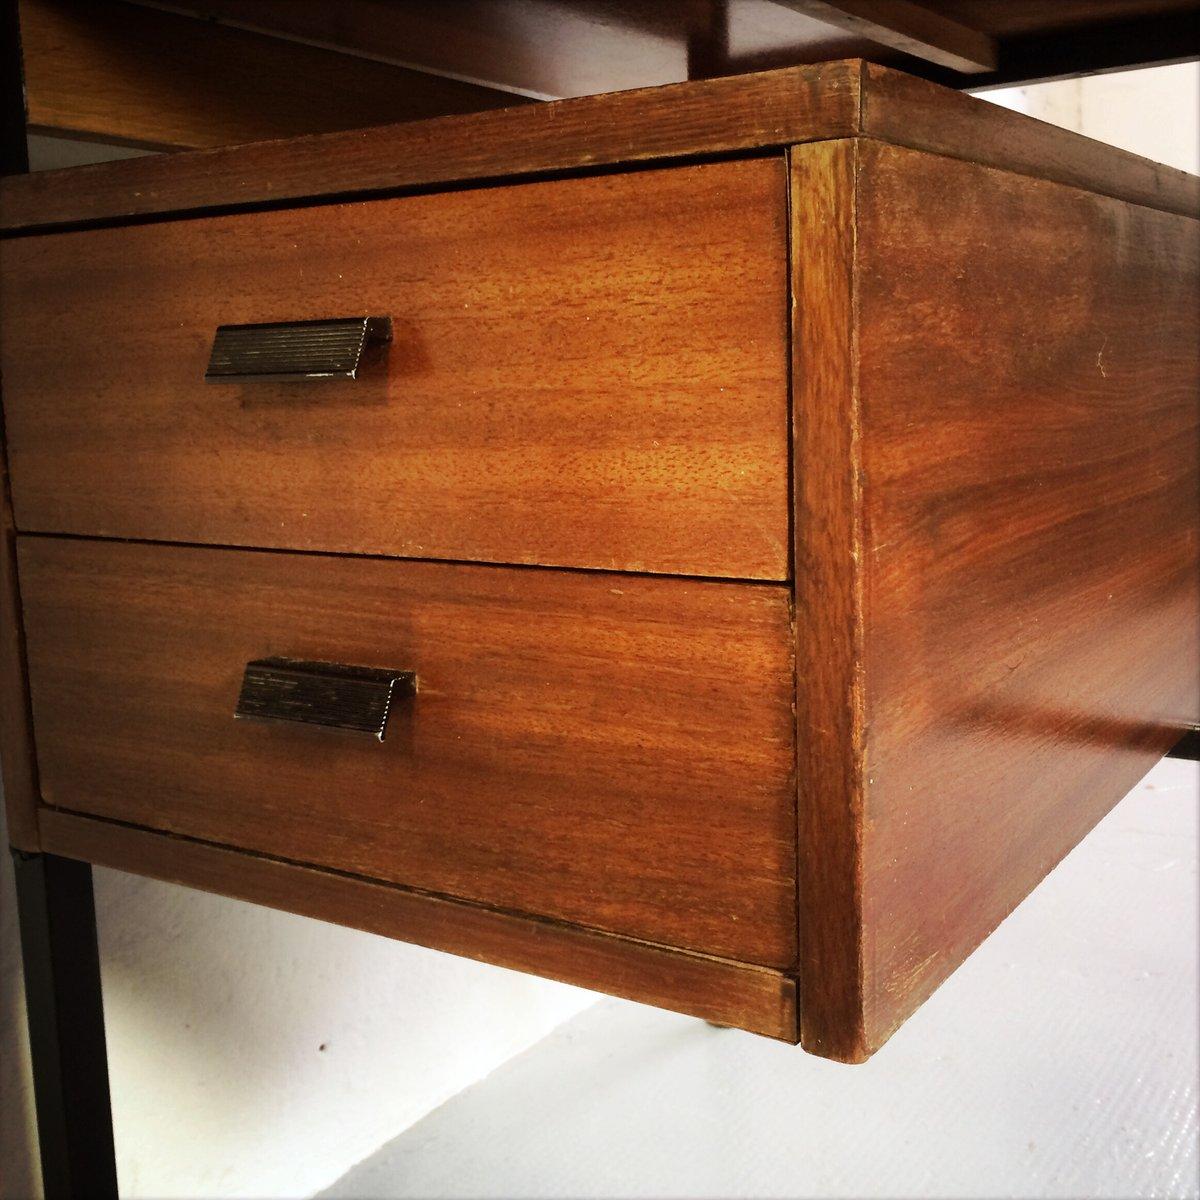 Etag re avec bureau int gr en vente sur pamono for Bureau avec rangement integre